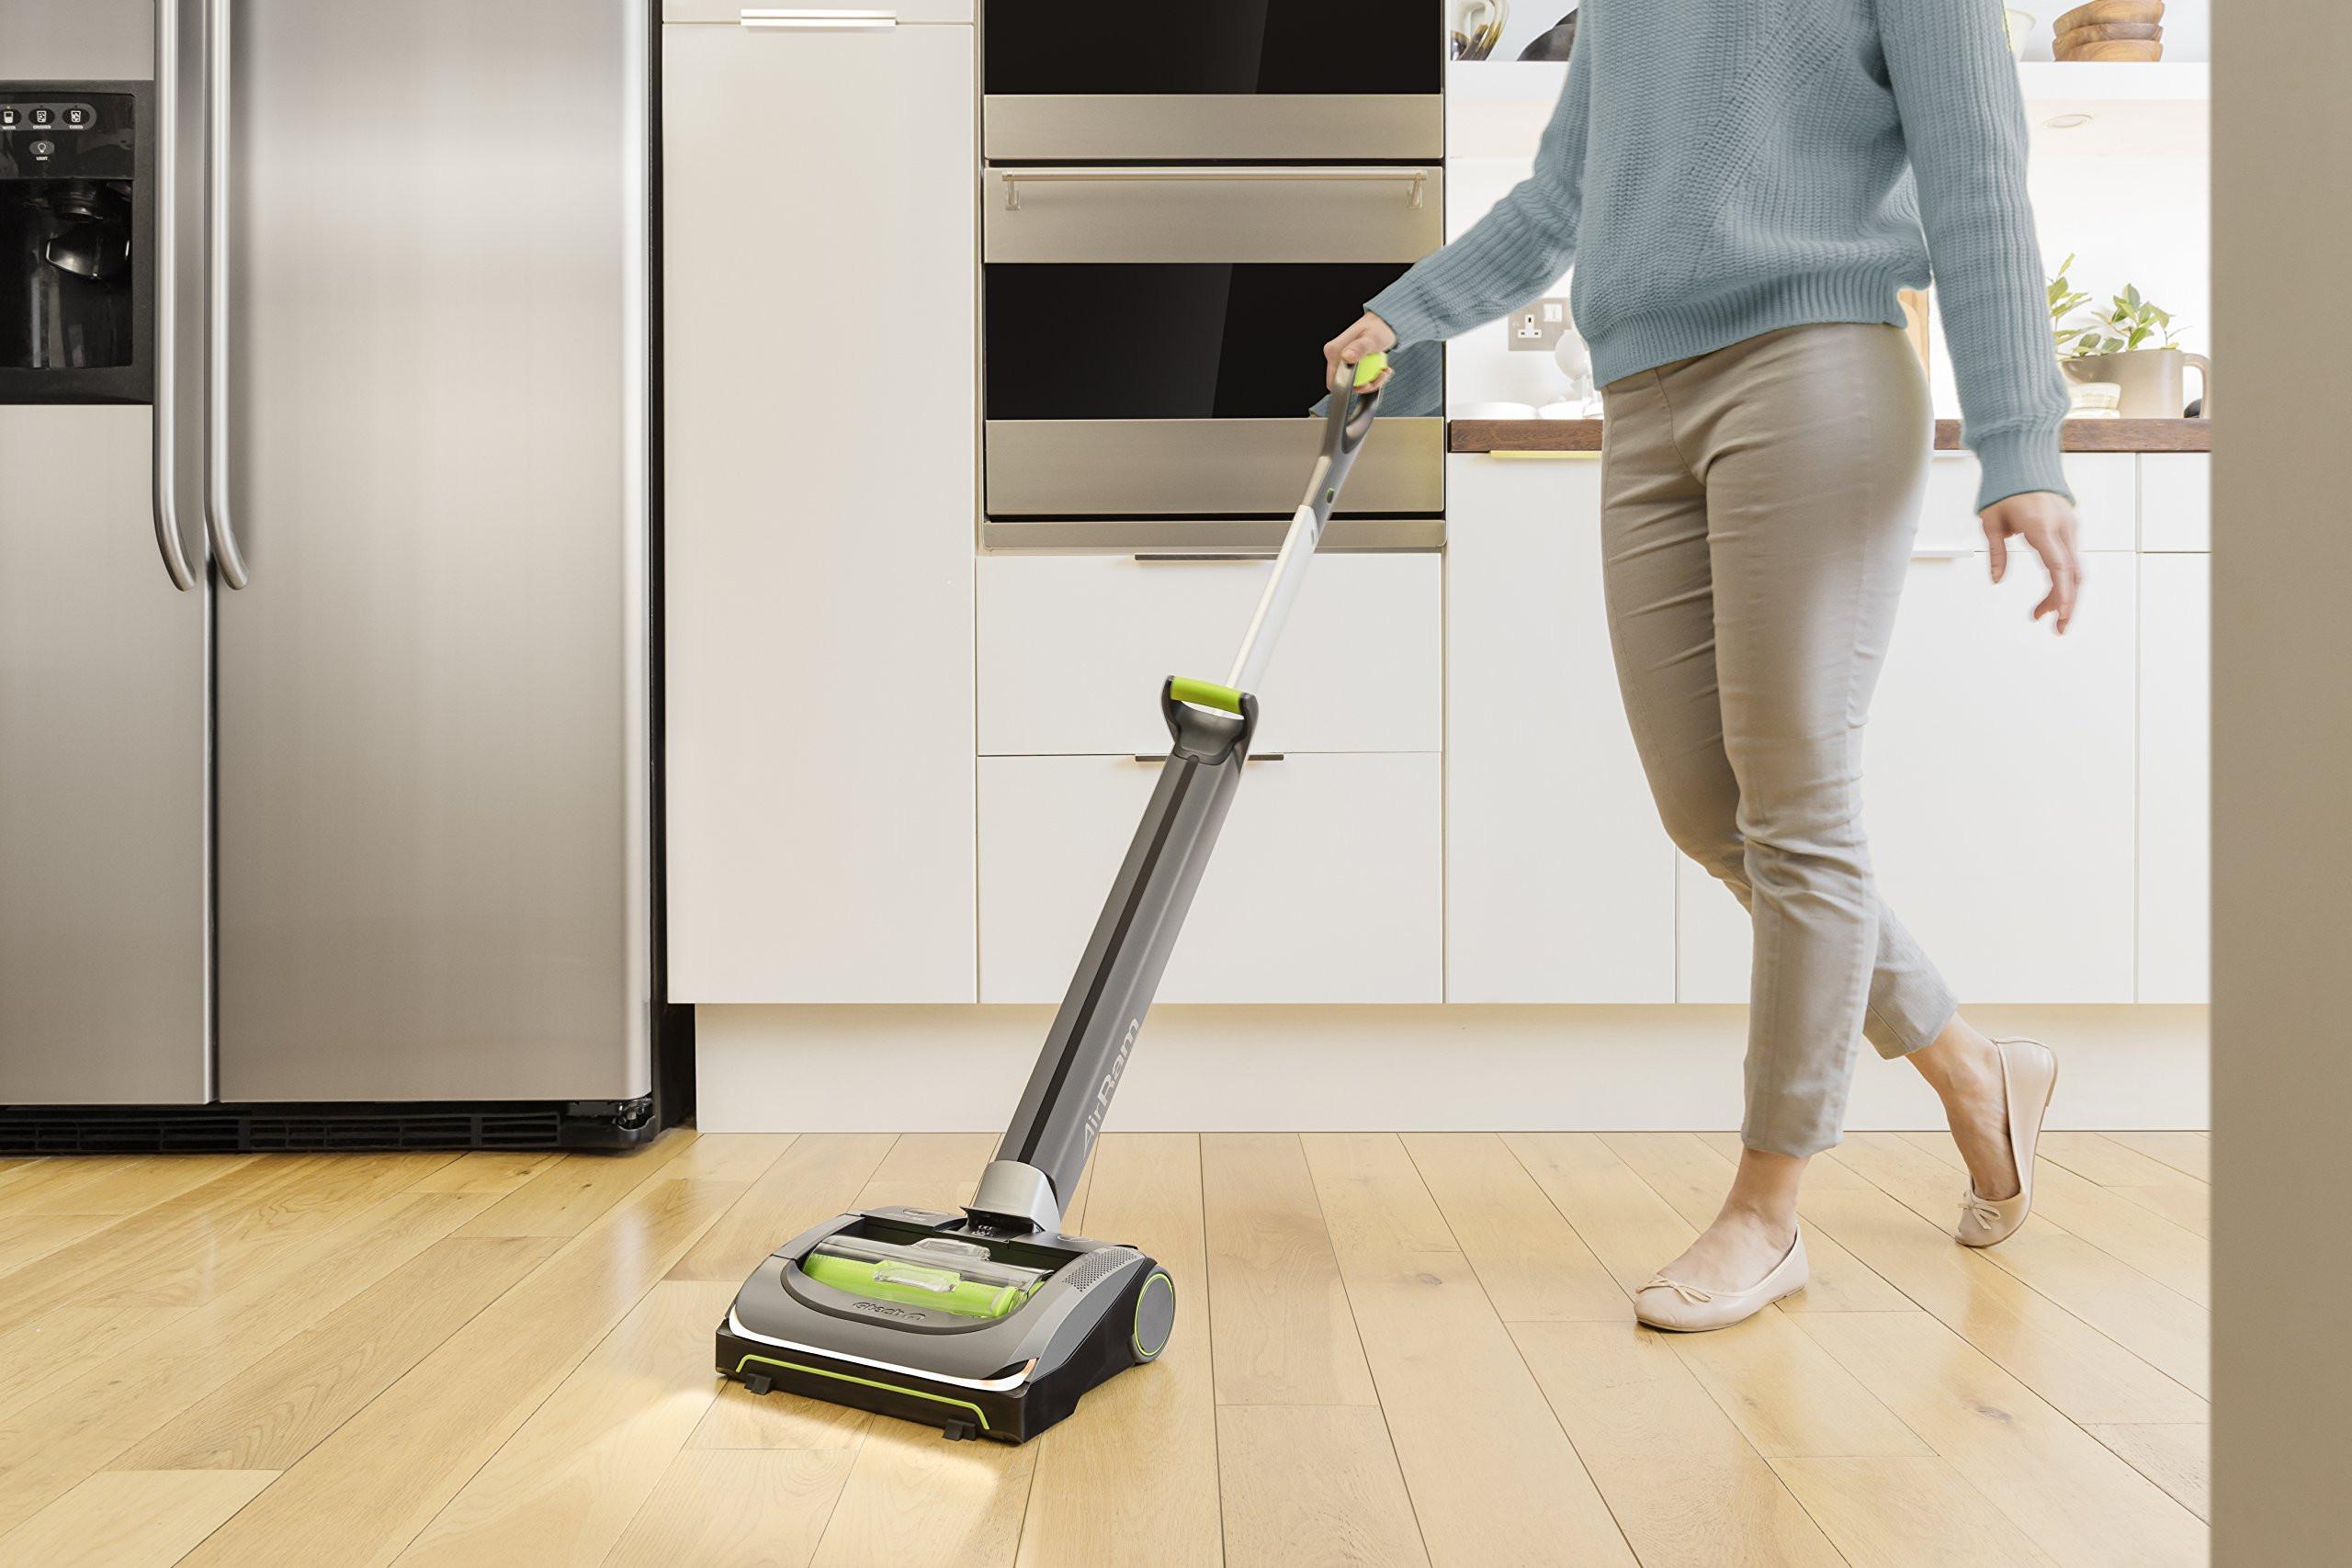 cordless hardwood floor vacuum of vacuum and floor care shop amazon uk regarding vacuum cleaners